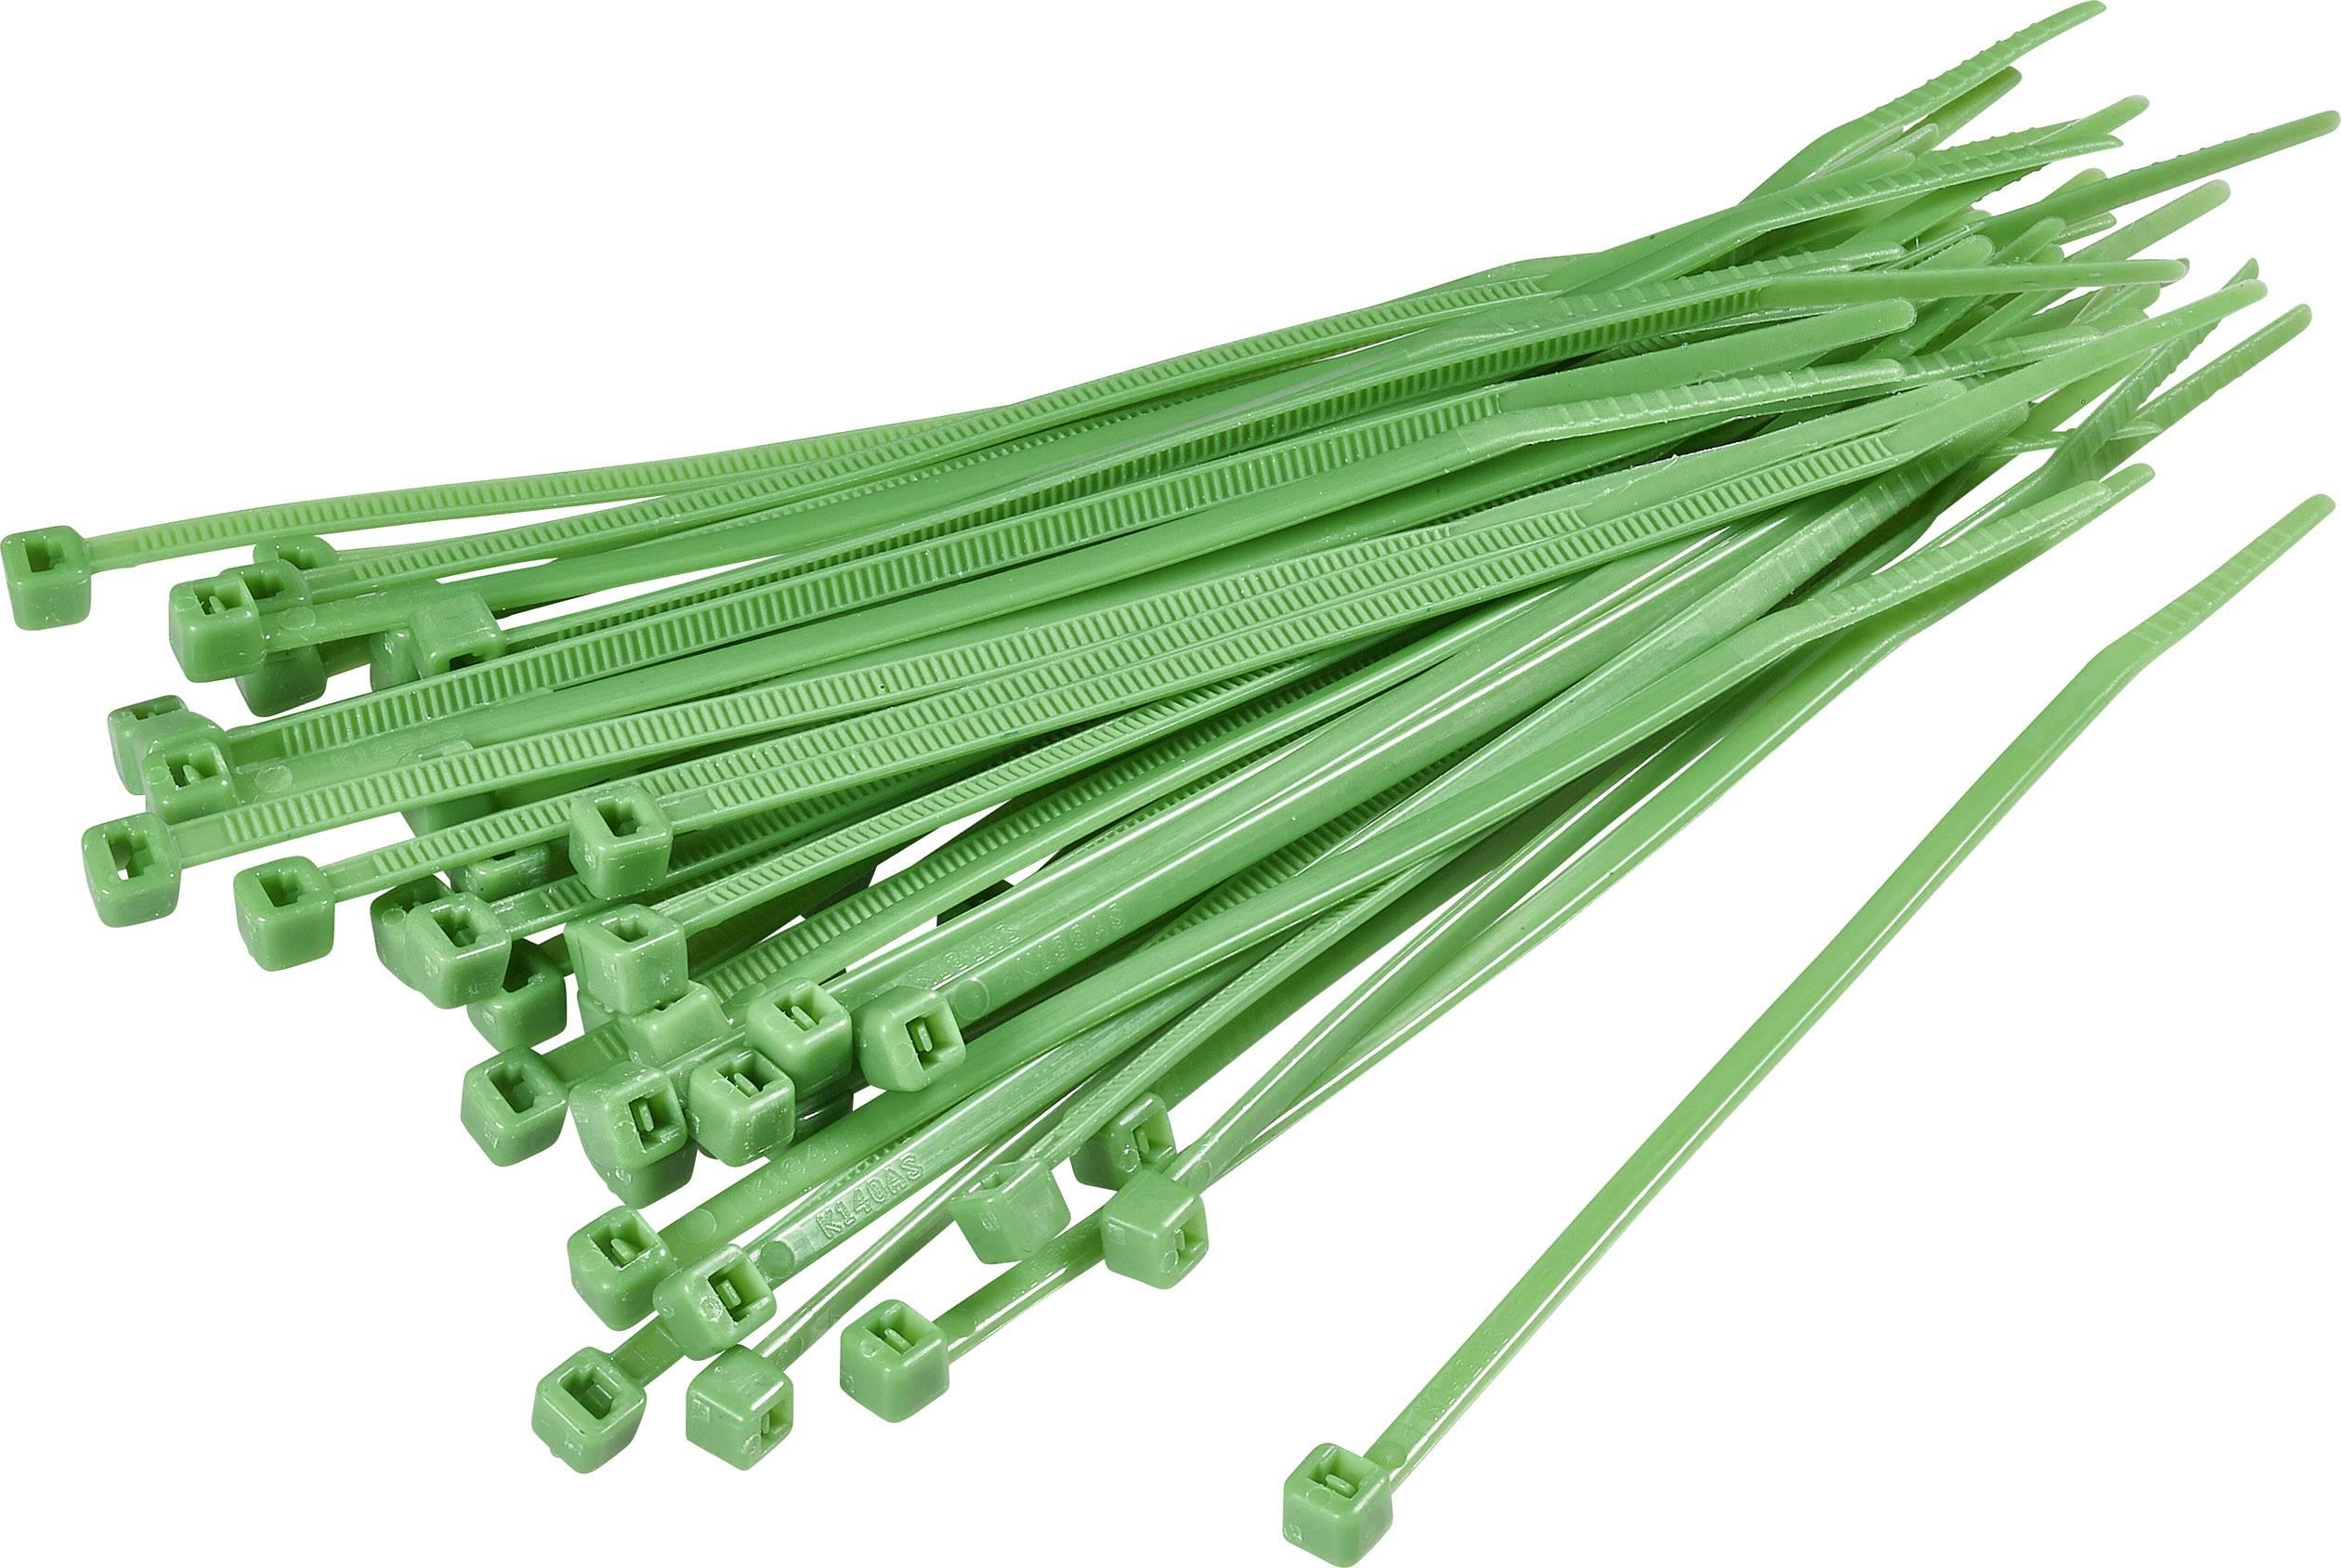 Sťahovacie pásky KSS CV200A 1369091, 203 mm, zelená, 100 ks